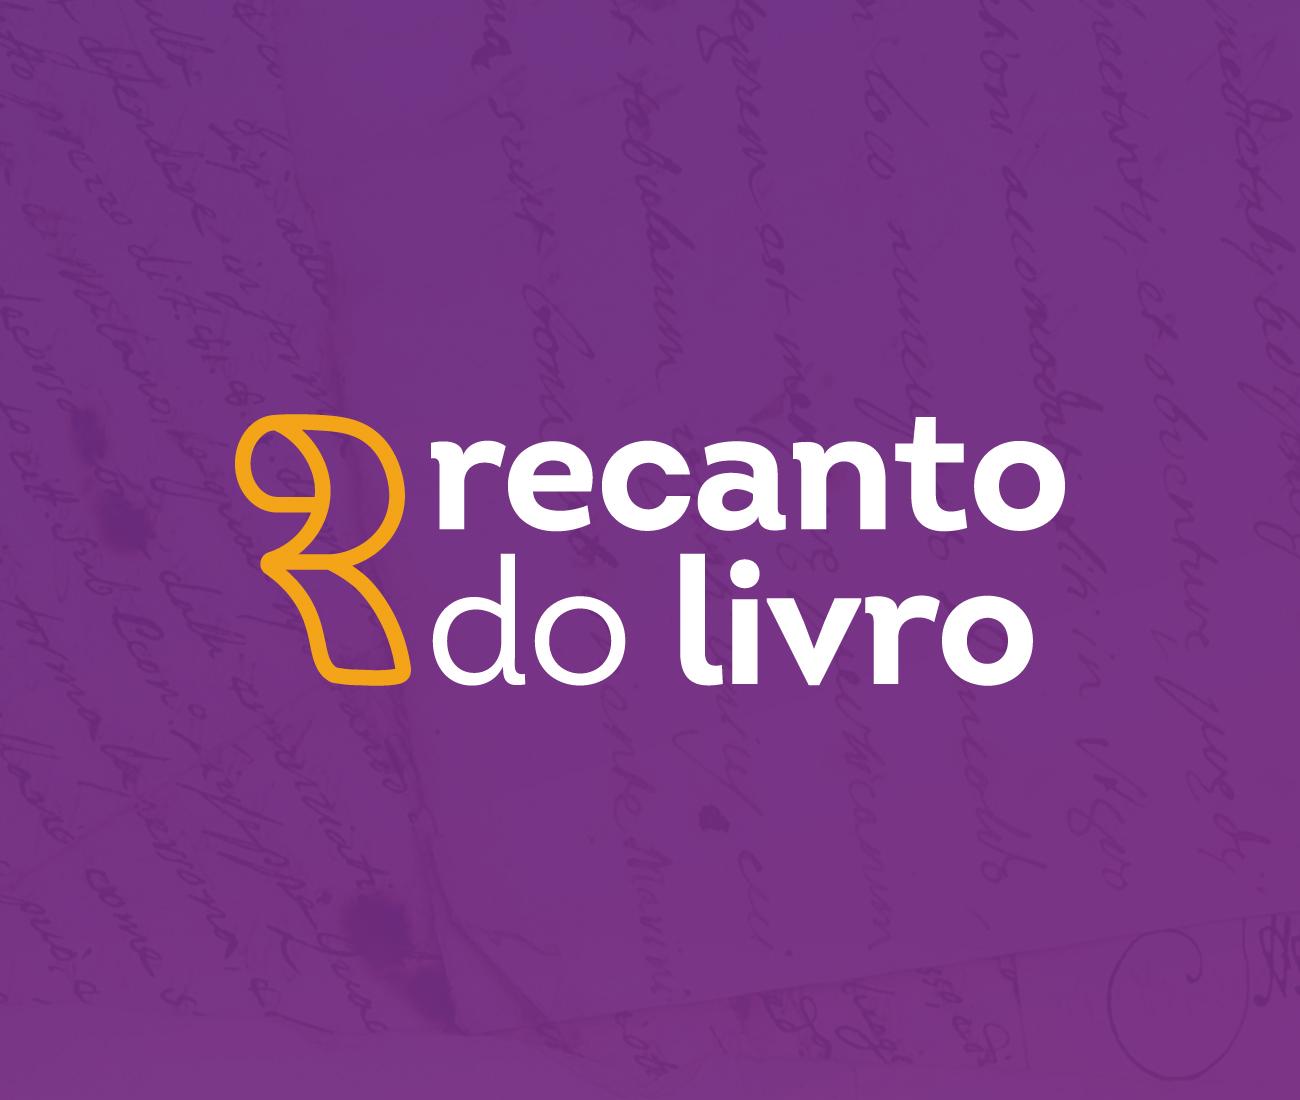 RECANTO-DO-LIVRO-(1)